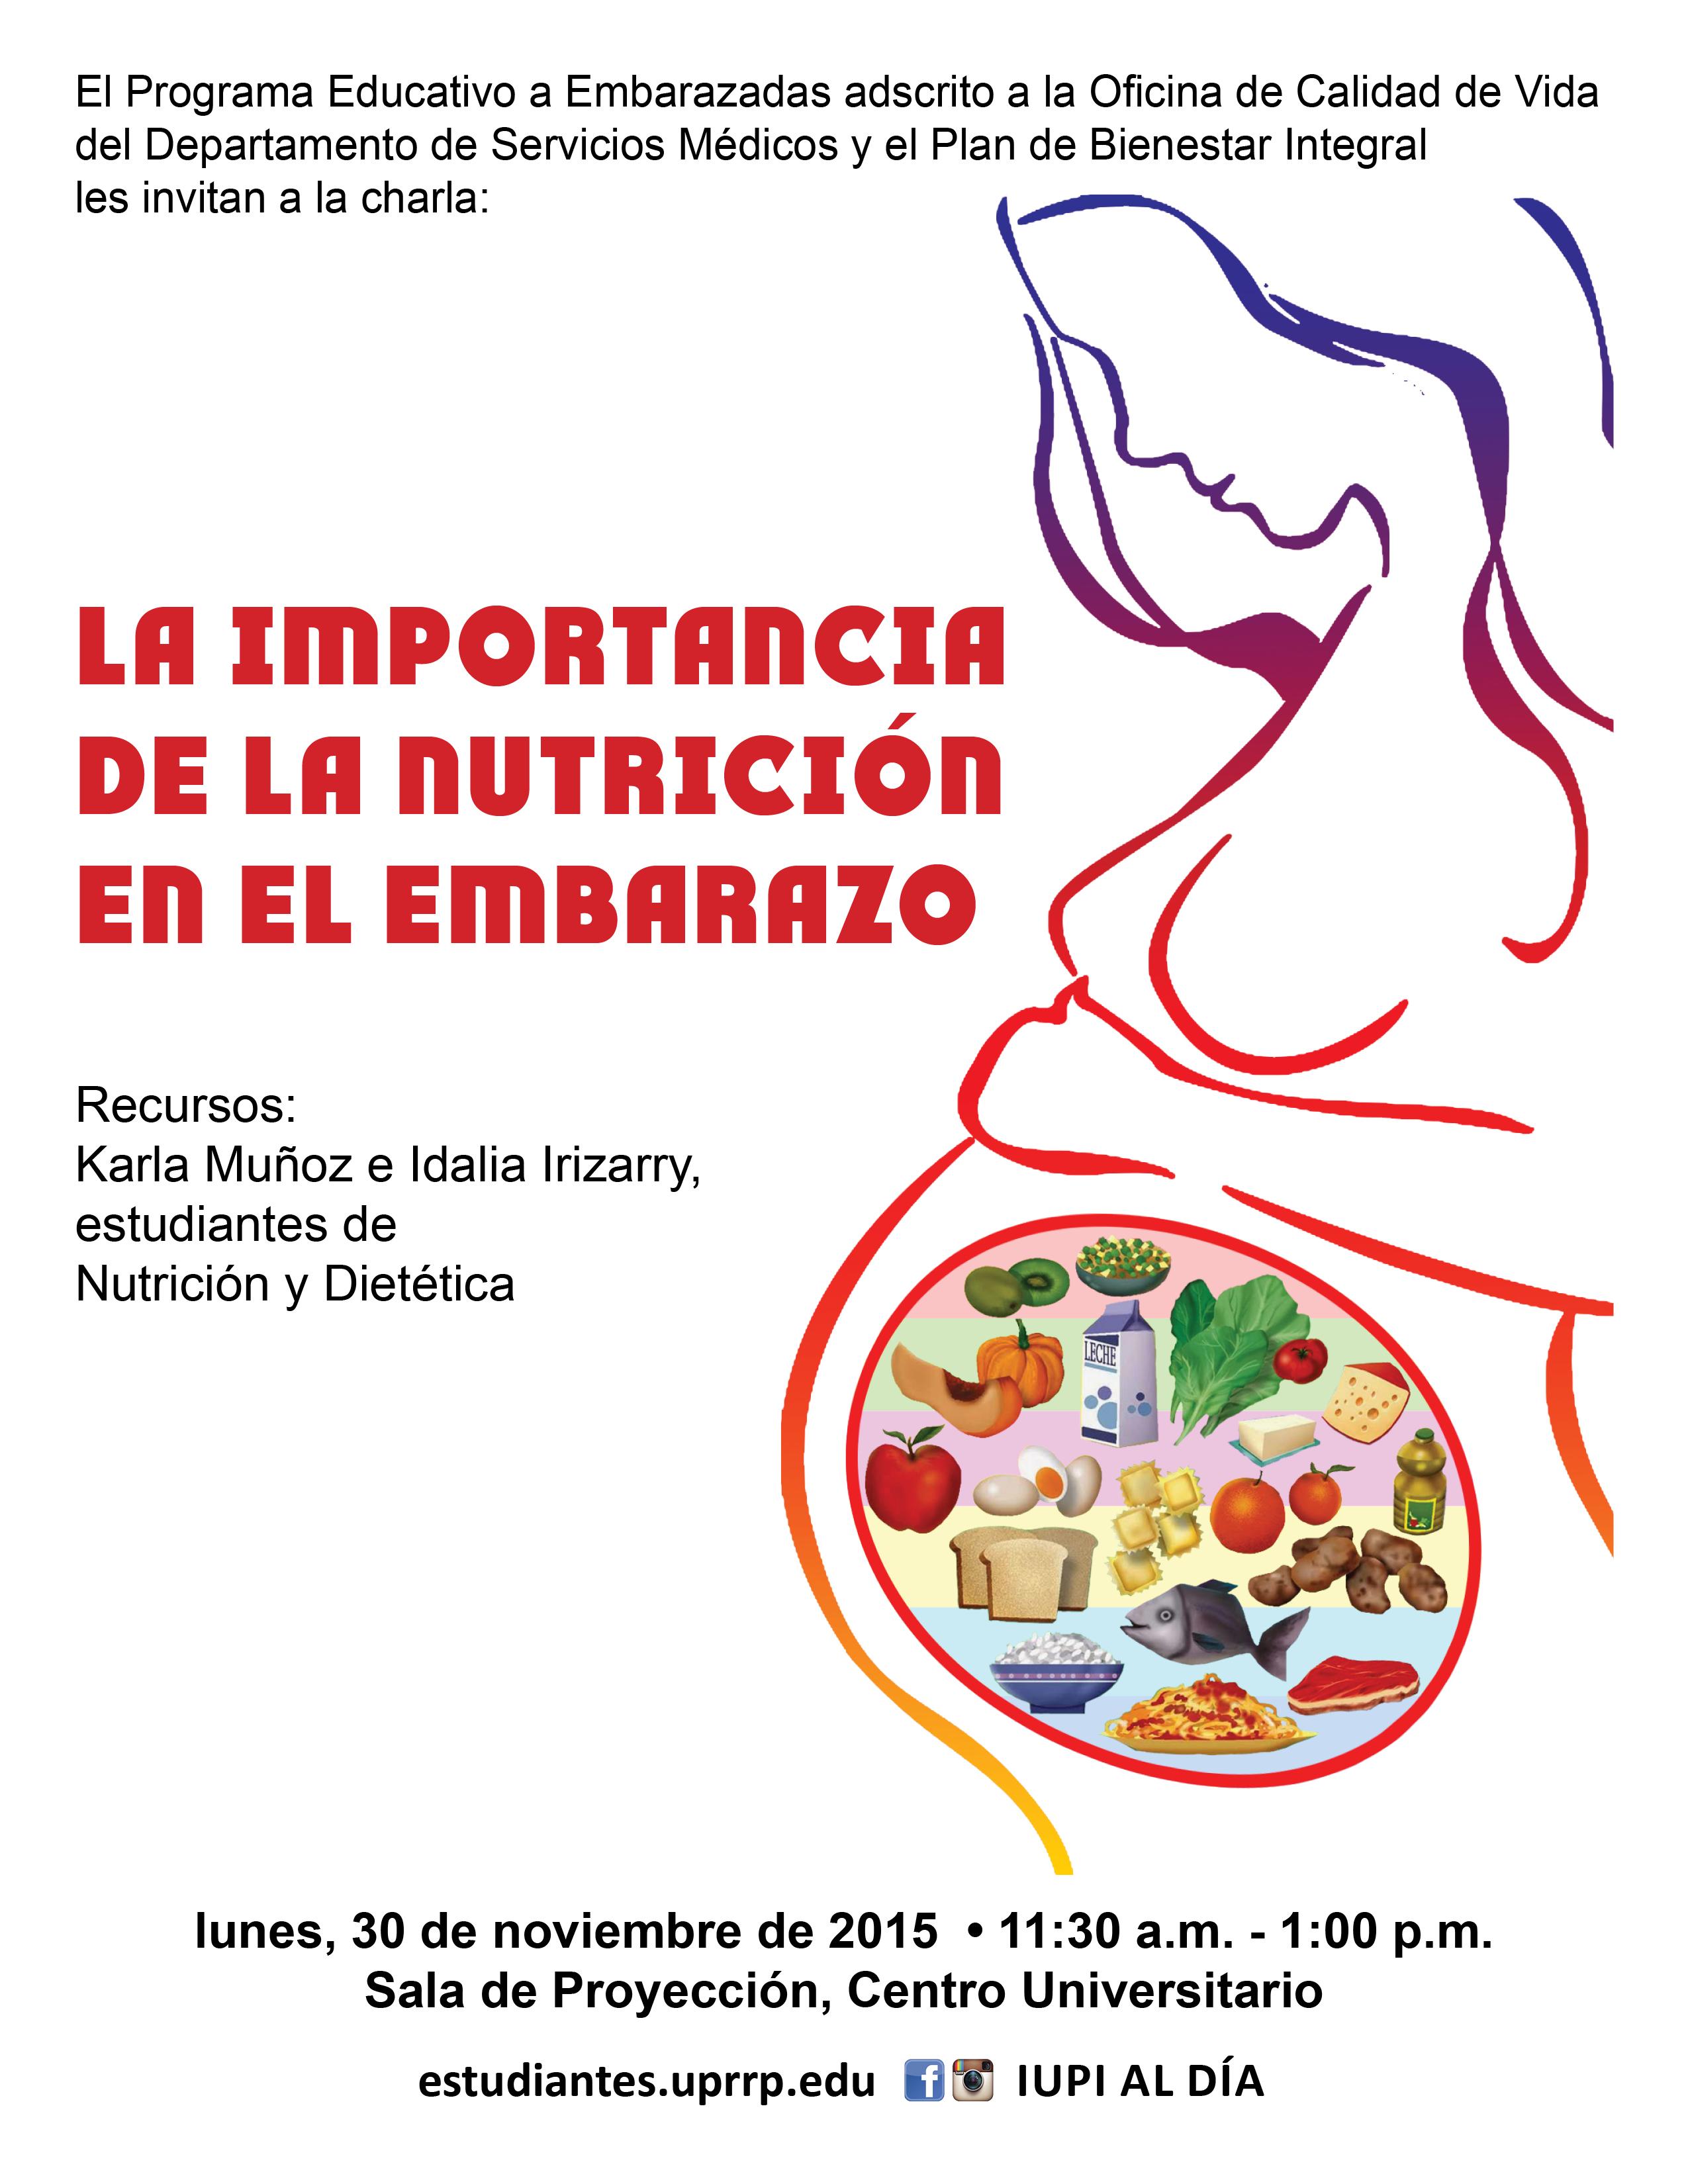 La importancia de la nutrici n en el embarazo for La oficina importancia